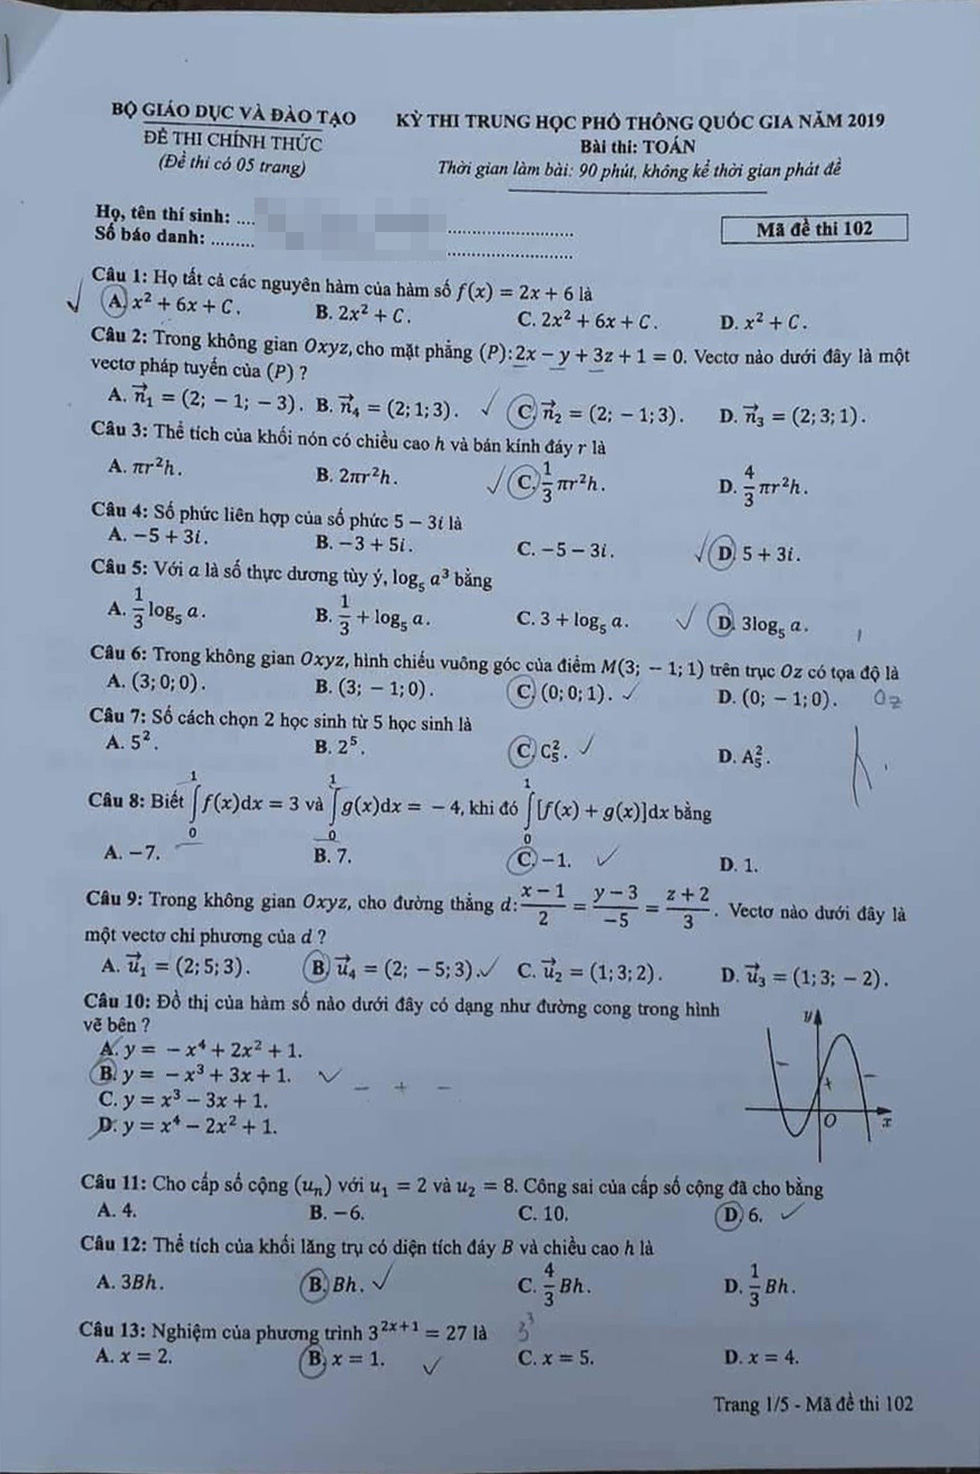 Đáp án môn toán thi THPT quốc gia 2019 - Ảnh 5.